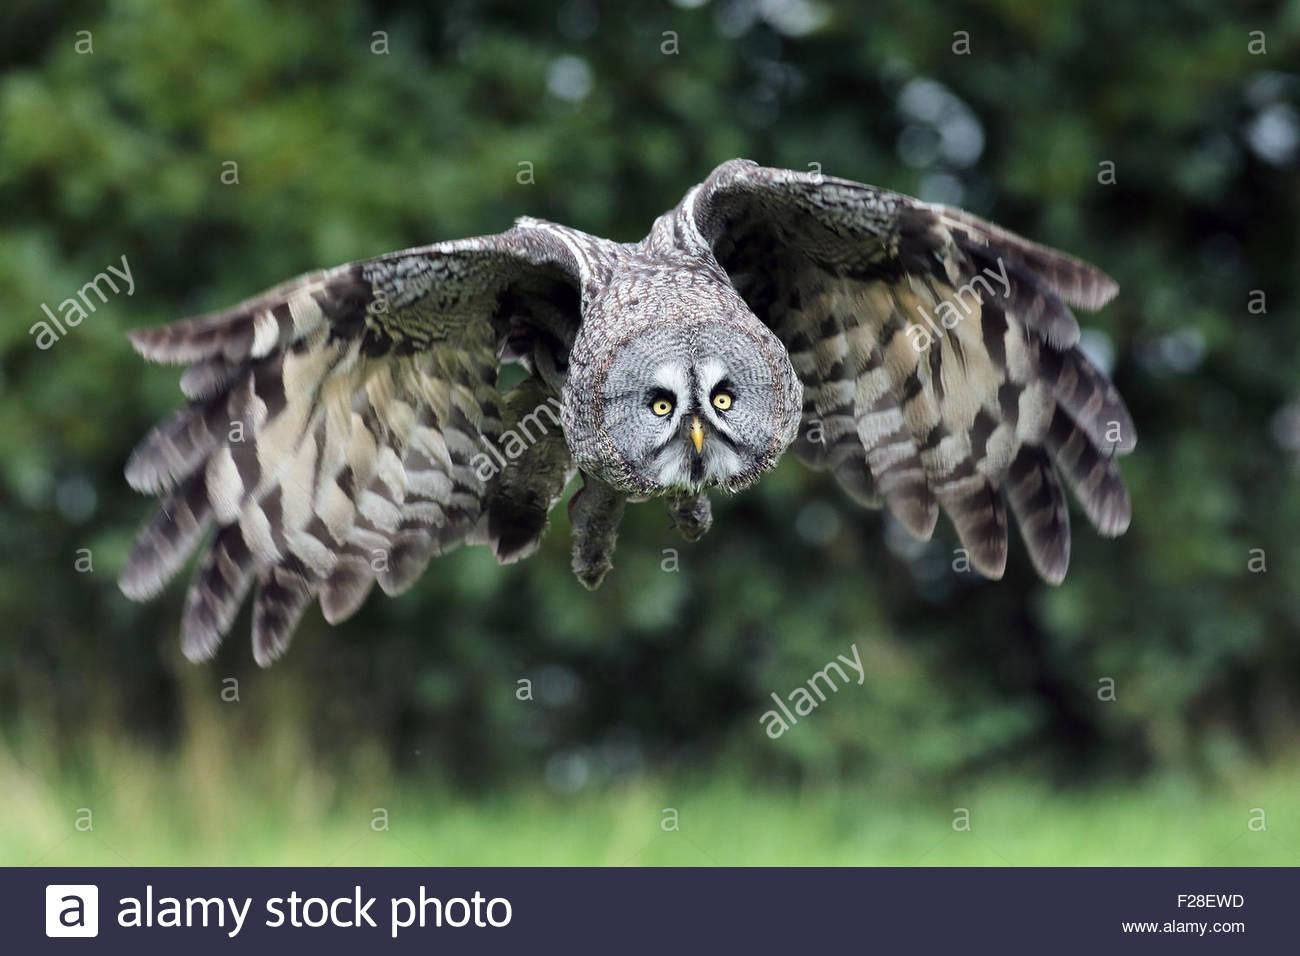 Une chouette lapone en vol au-dessus d'une prairie. Banque D'Images